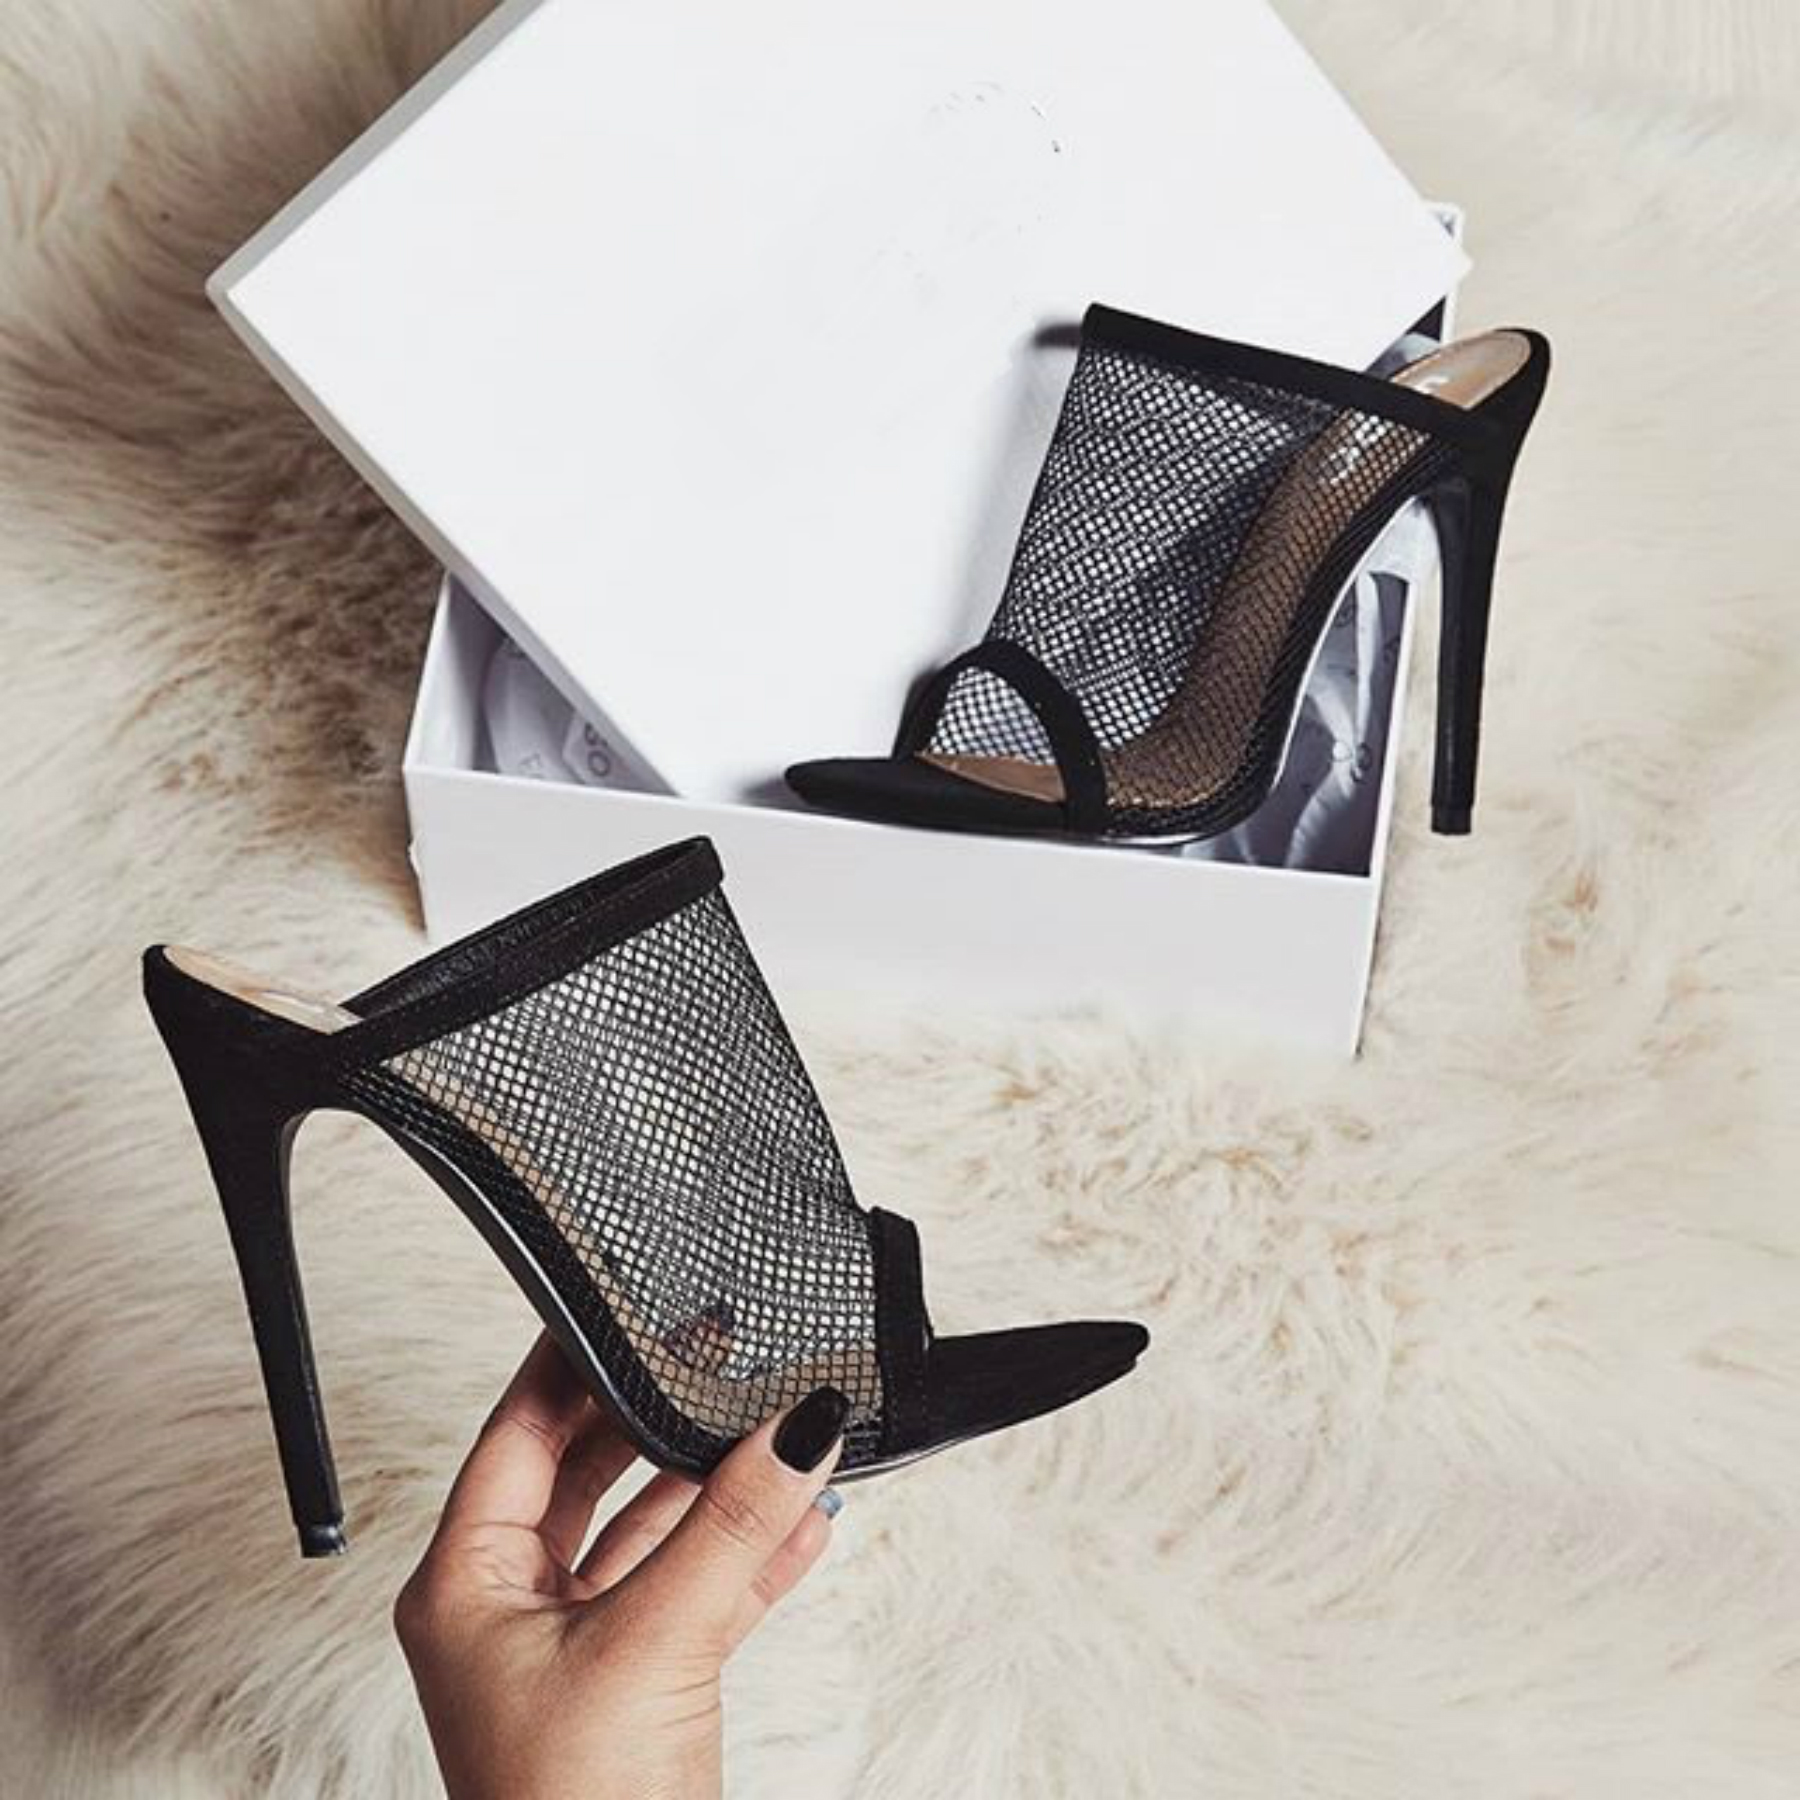 273580e28e47 JINJOE-shoes-woman-High-heeled-shoes-Mesh-sandals-Simple-slippers-Peep-Toe-Mixed-High-Heels-Woman.jpg